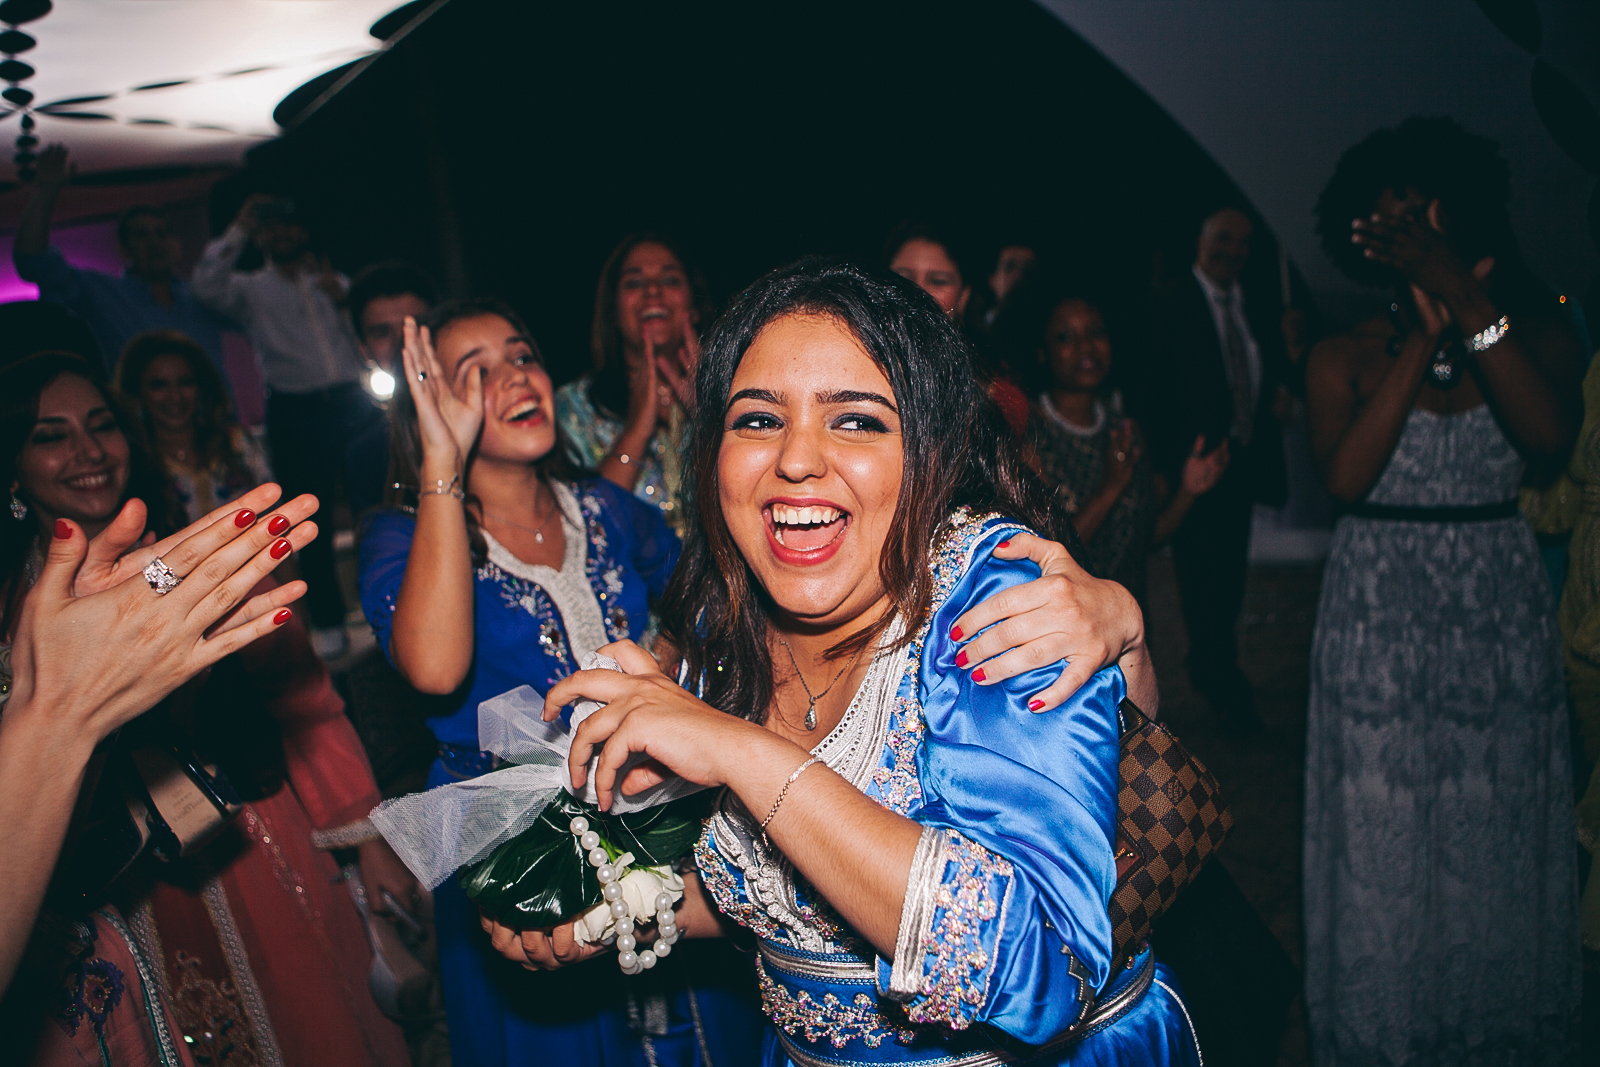 traditional_moroccan_wedding_photographry_casablanca_morocco_houda_vivek_ebony_siovhan_bokeh_photography_183.jpg